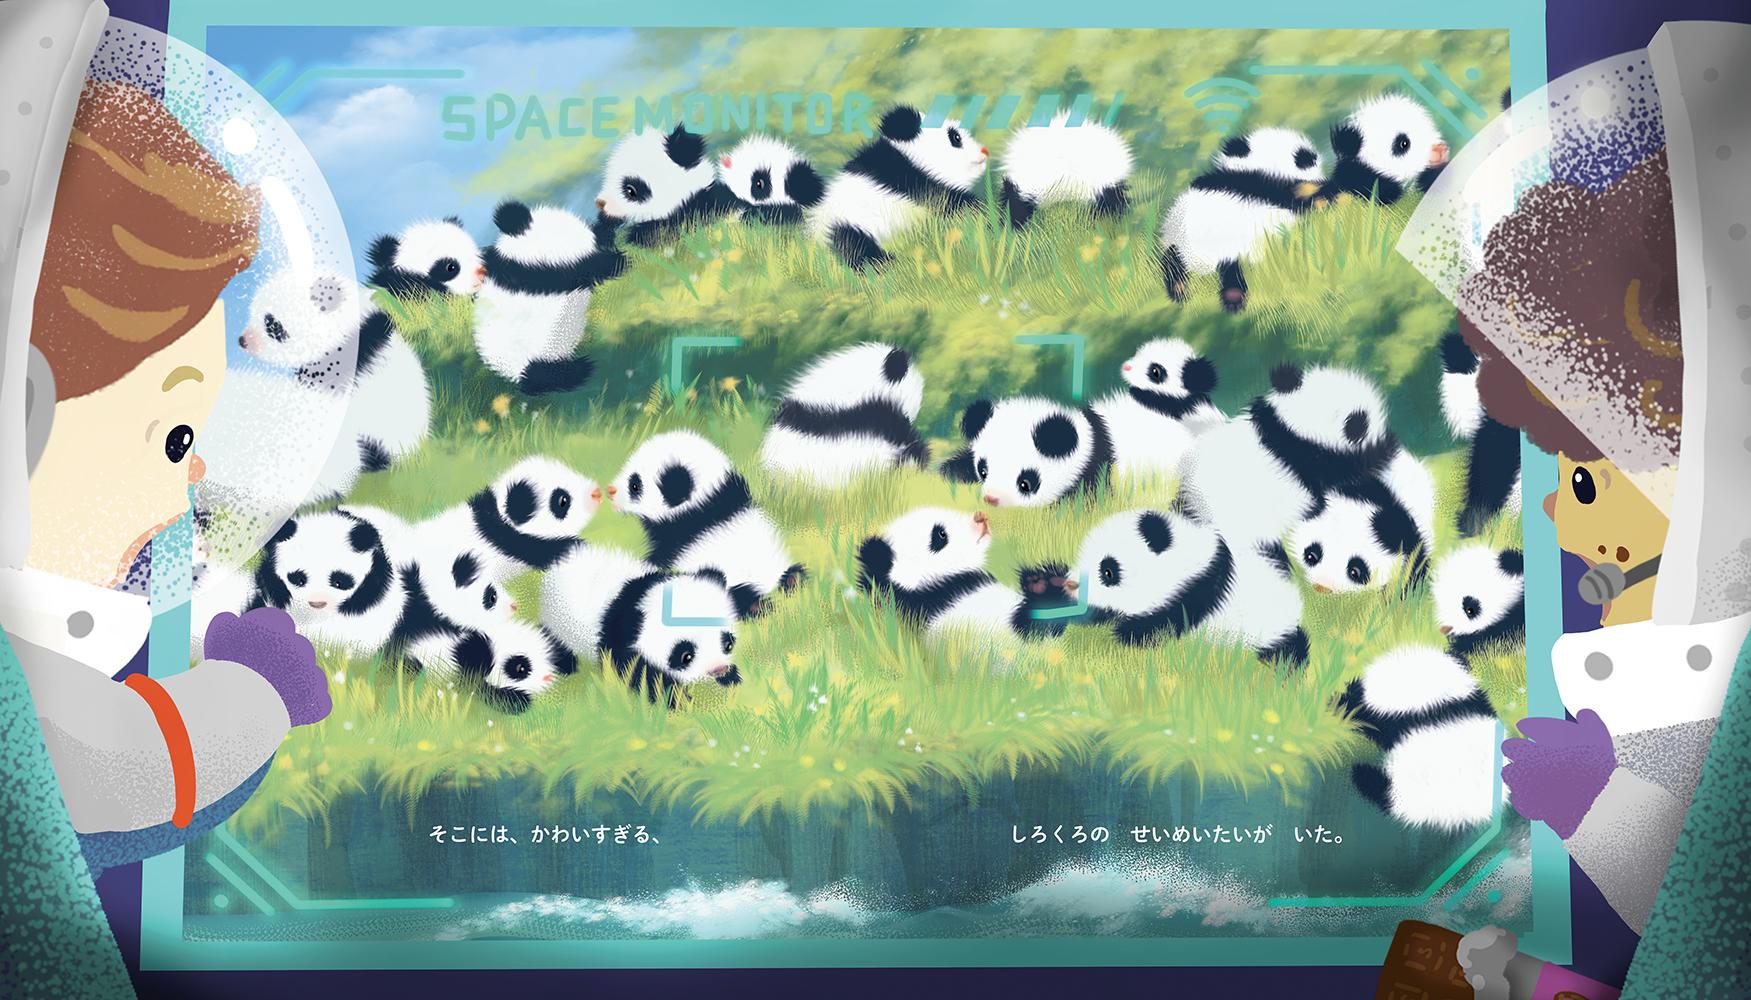 少年飛行士たちが発見したのは、緑豊かな惑星。赤ちゃんパンダがたくさんいました。